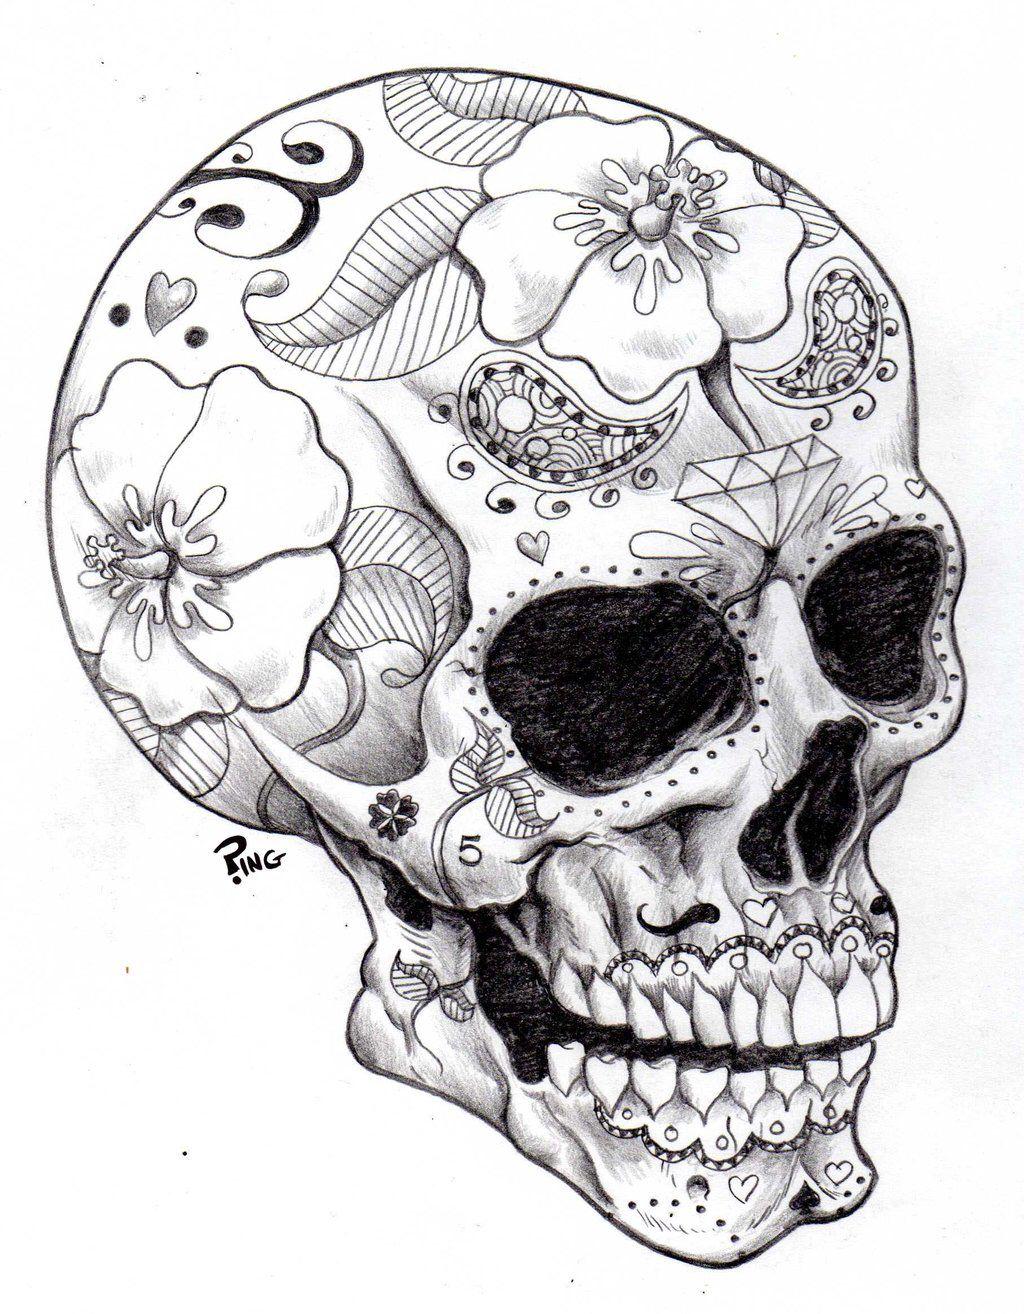 Afbeelding Van Http Img03 Deviantart Net 9ceb I 2013 023 3 C Sugar Skull Ping By Pingriff D5sga57 Jp Kleurplaten Kleurplaten Voor Volwassenen Schedel Ontwerp